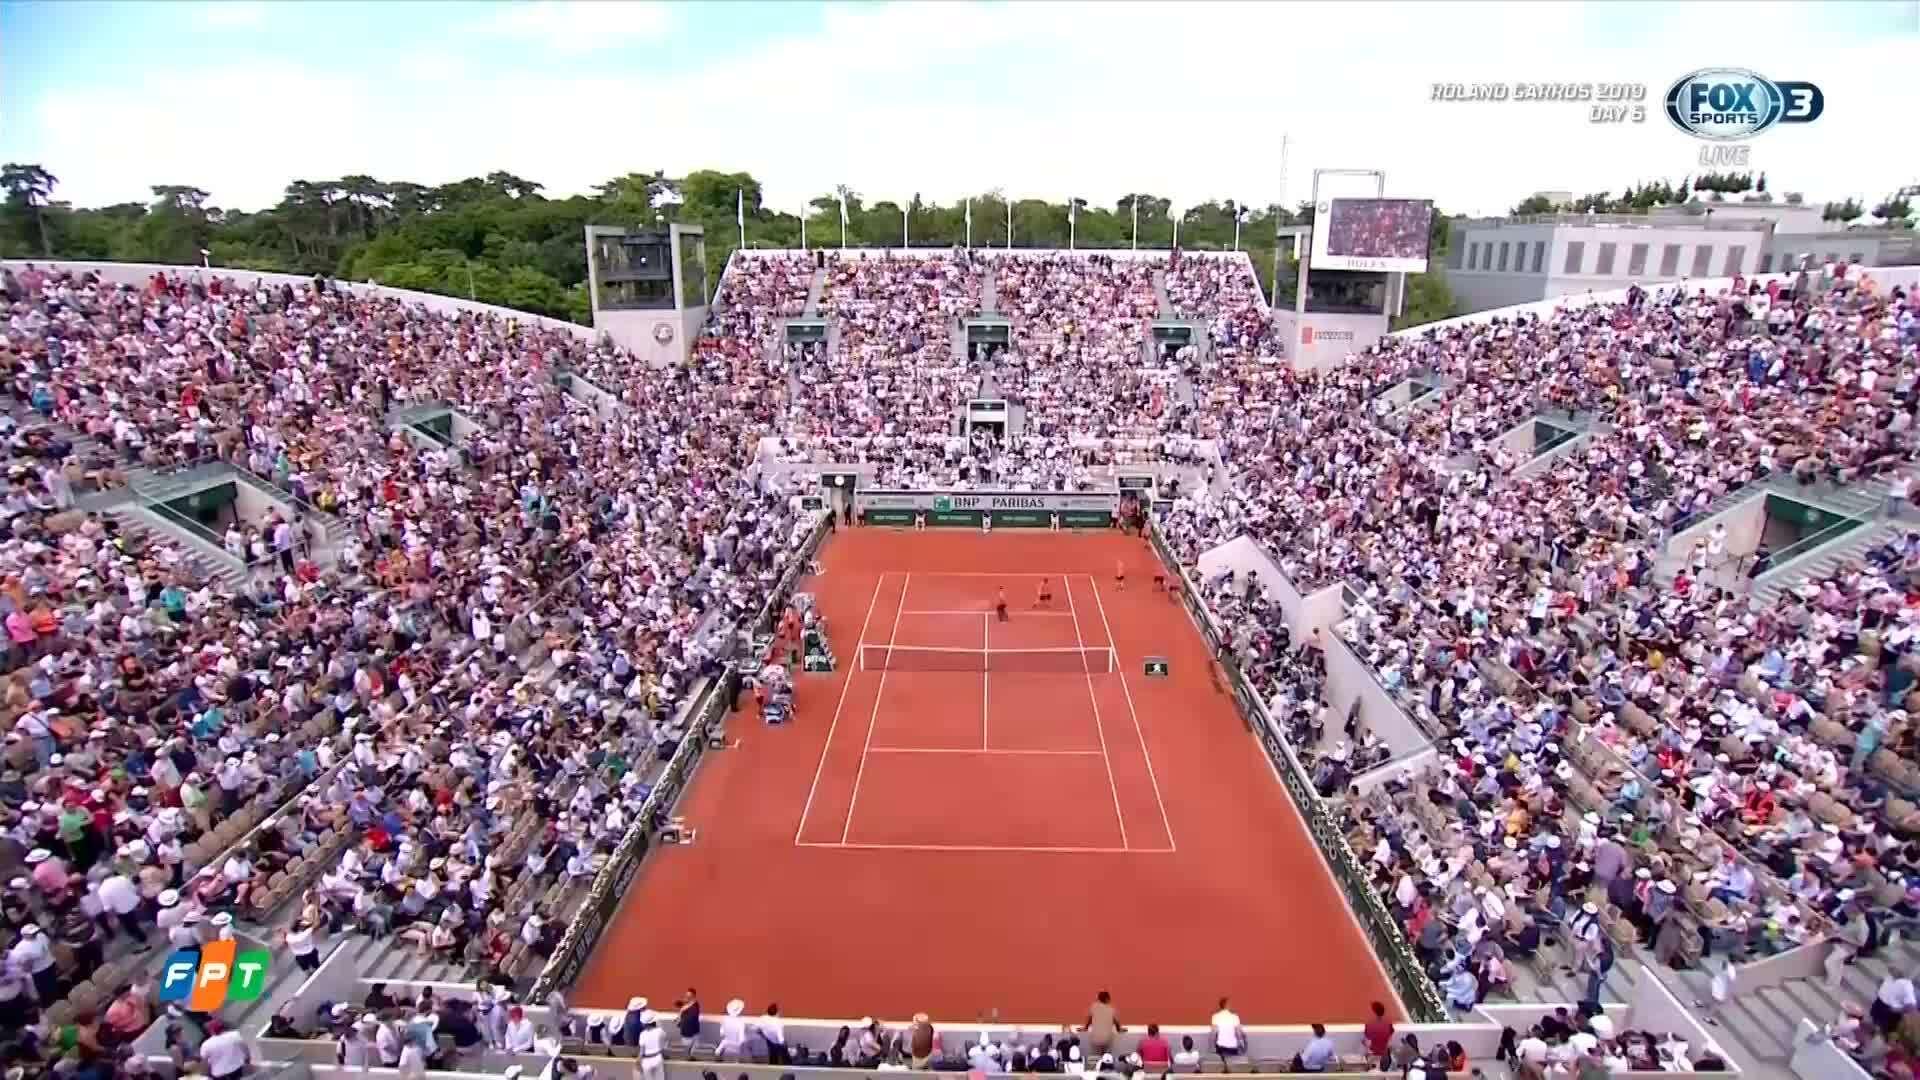 Casper Ruud 0-3 Roger Federer